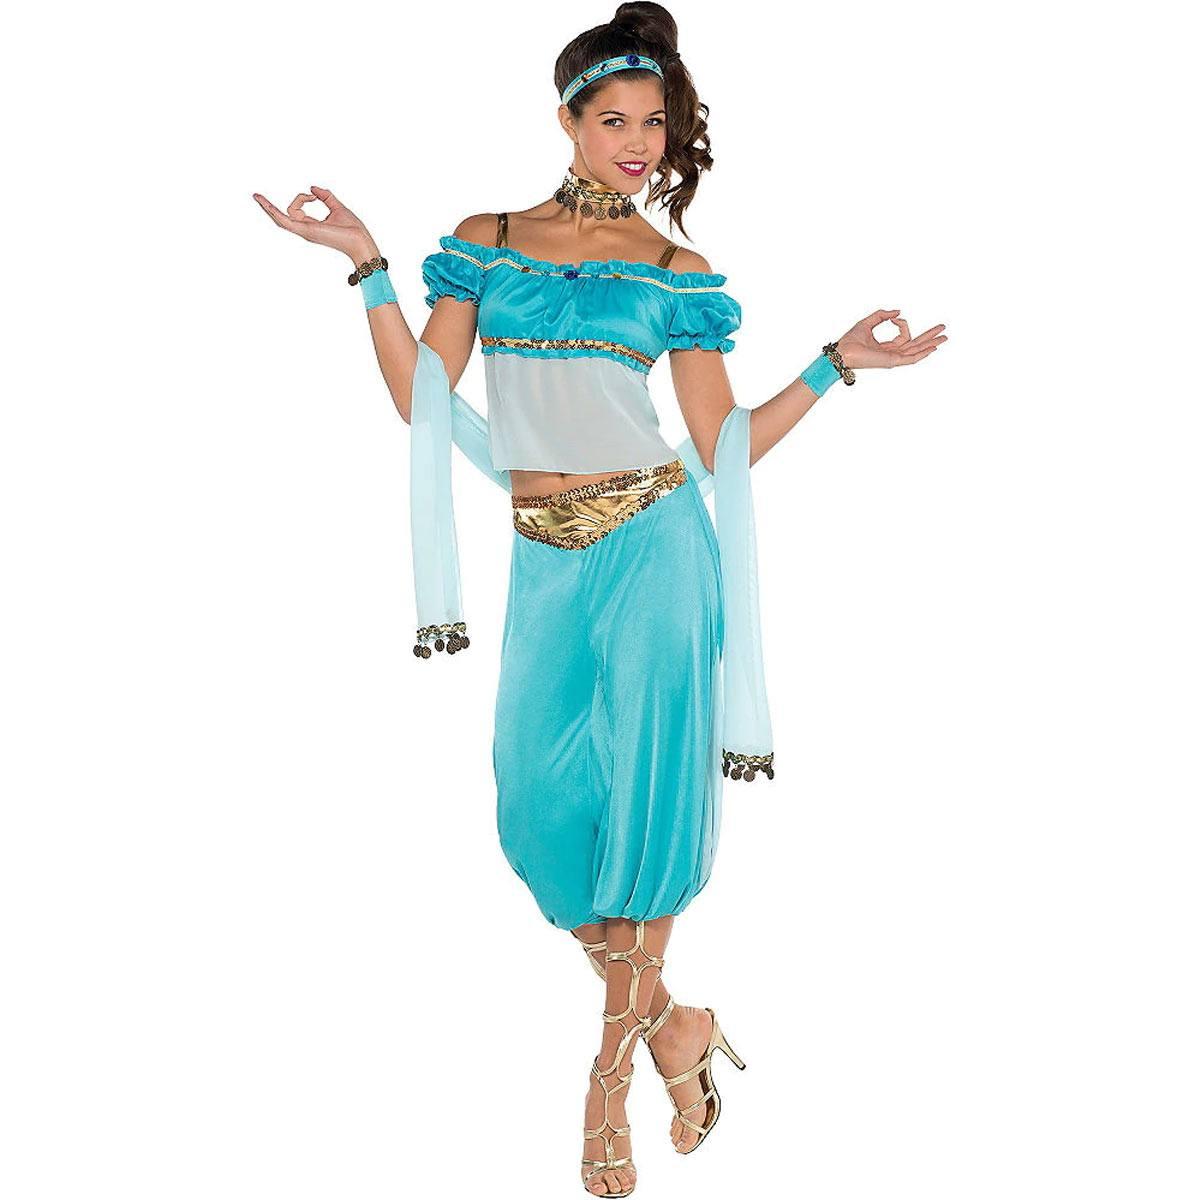 アラジン ジャスミン 衣装 大人用 コスプレ ハロウィン ディズニー ドレス 仮装 Aladdin